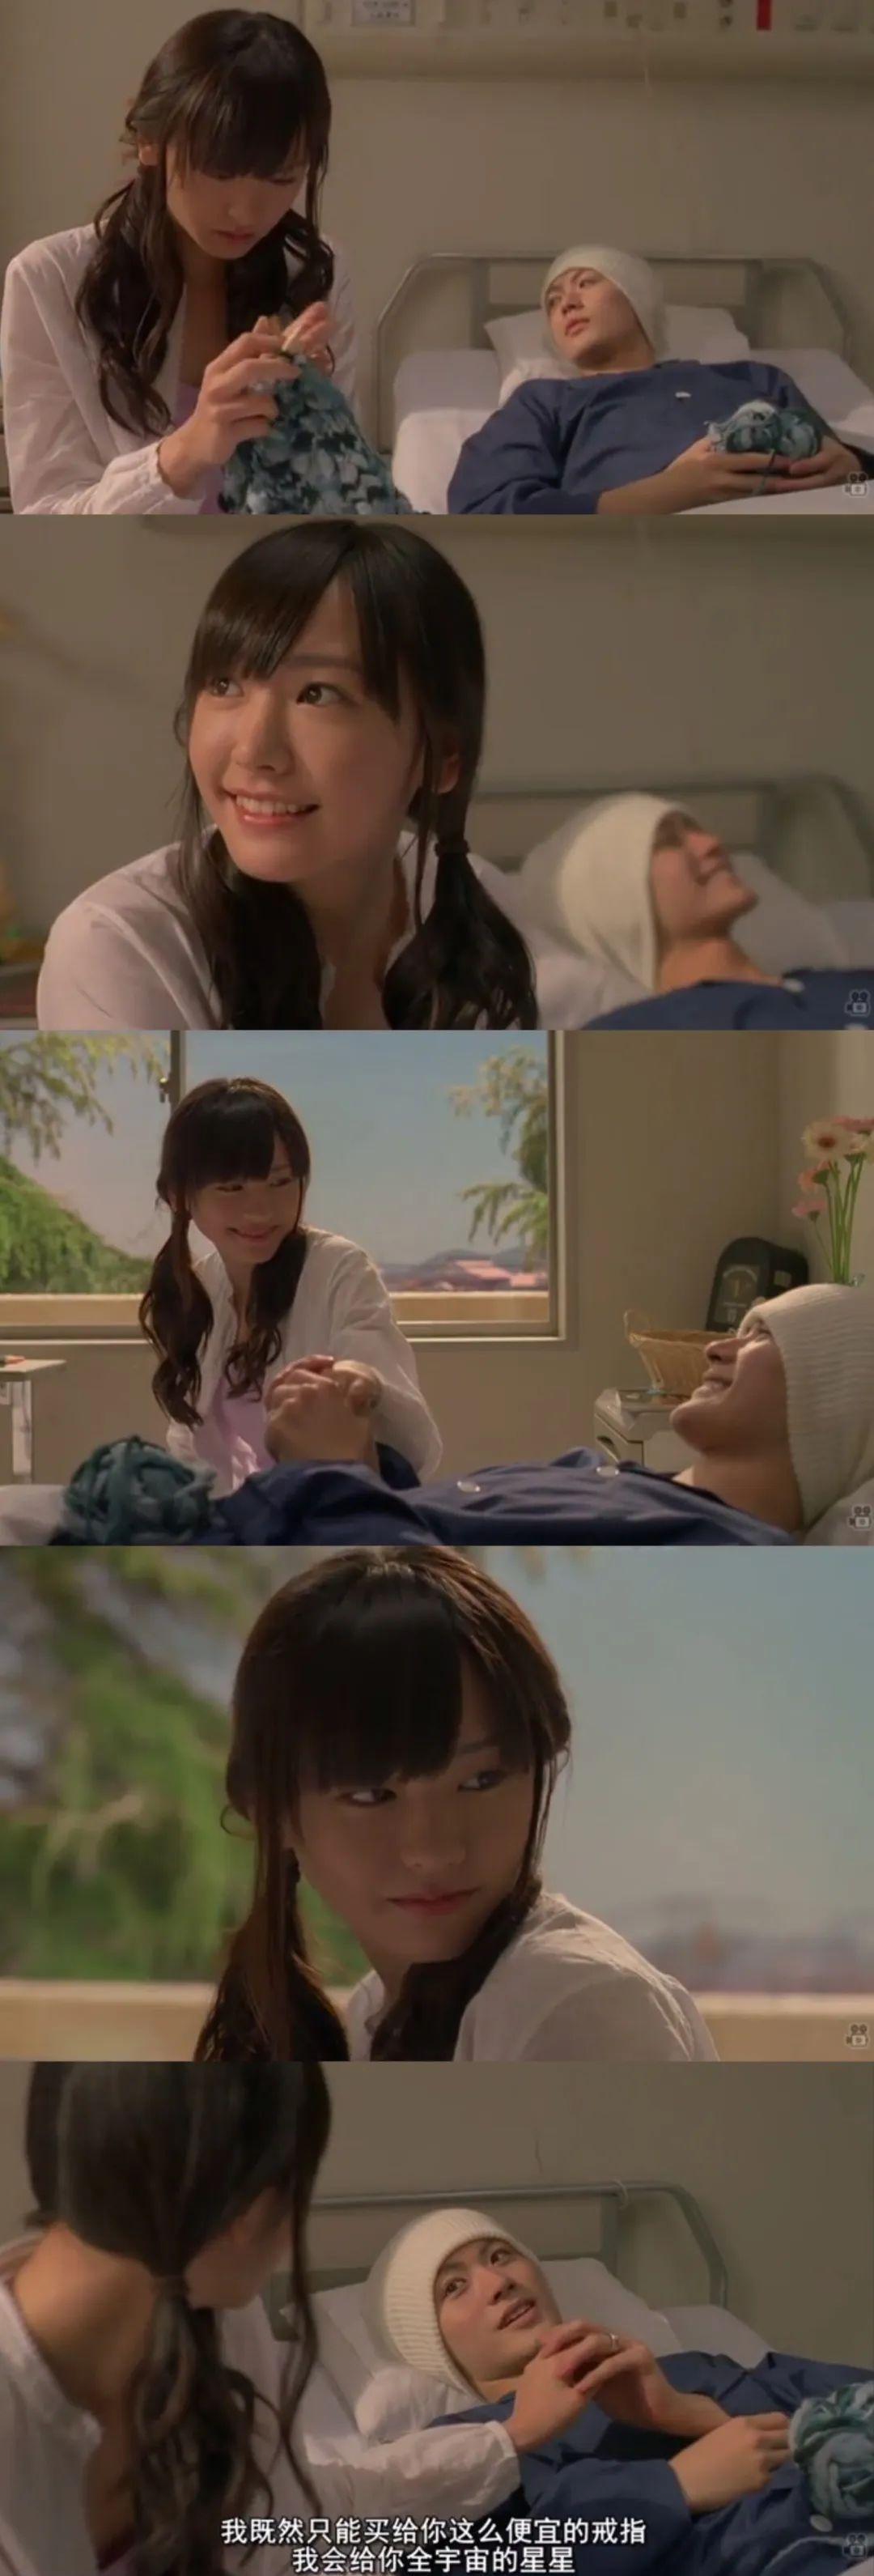 新垣结衣 恋空(2007年)剧情截图,青涩的新垣结衣_图片 No.7